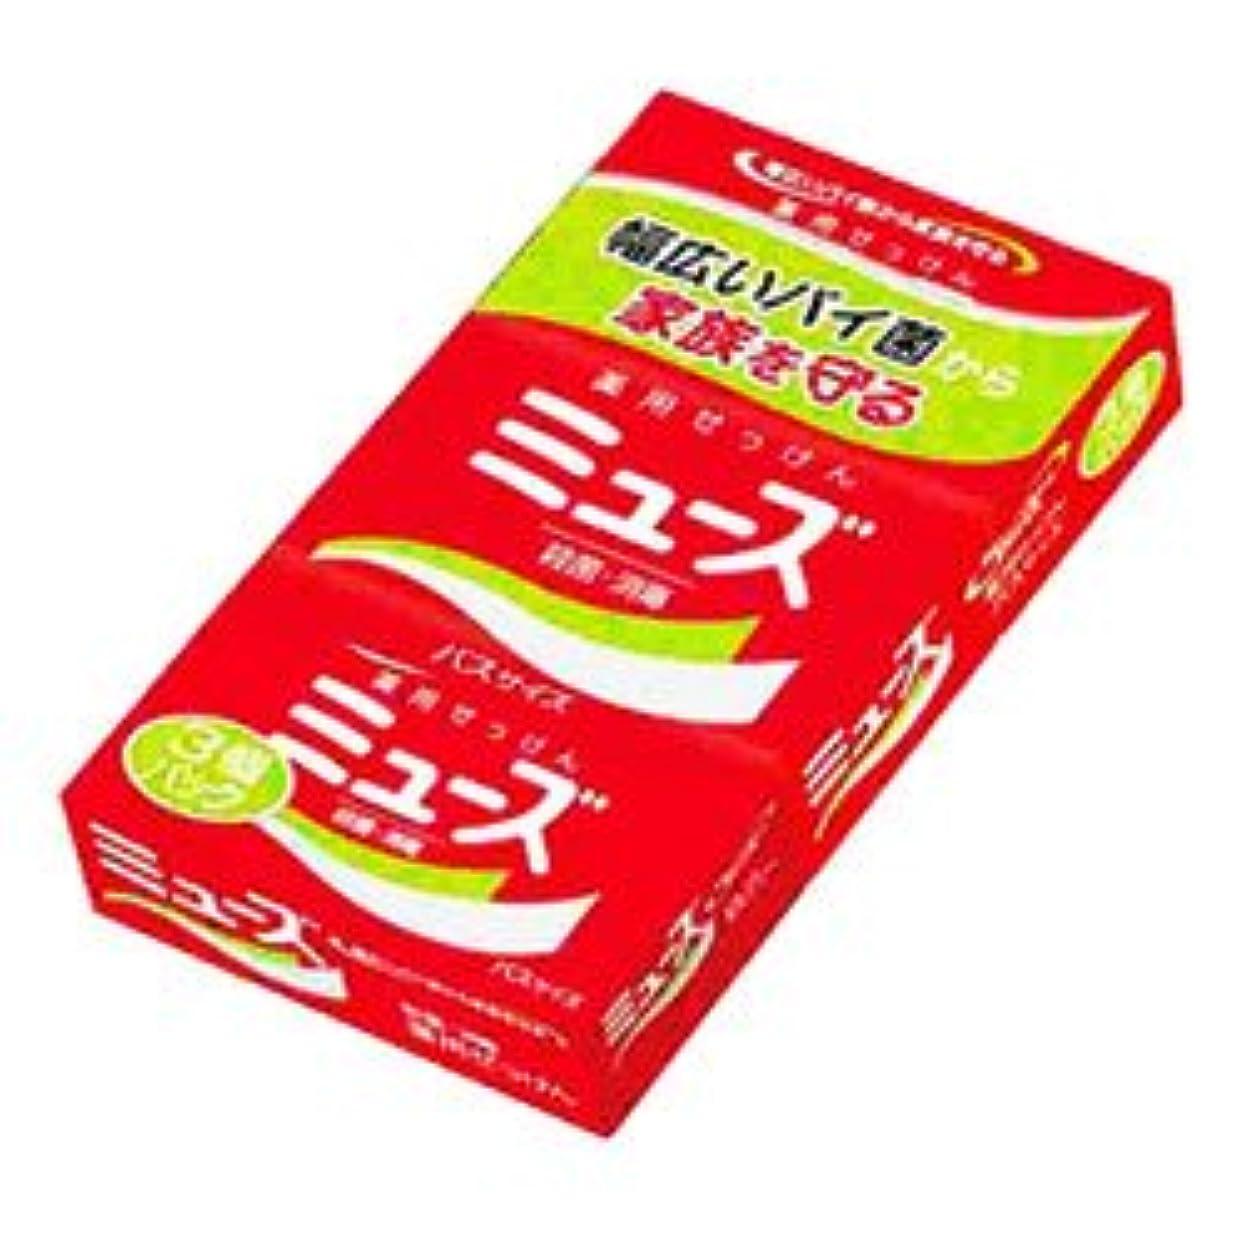 公園インゲン視聴者【アース製薬】ミューズ石鹸 バスサイズ 135g*3 ×20個セット